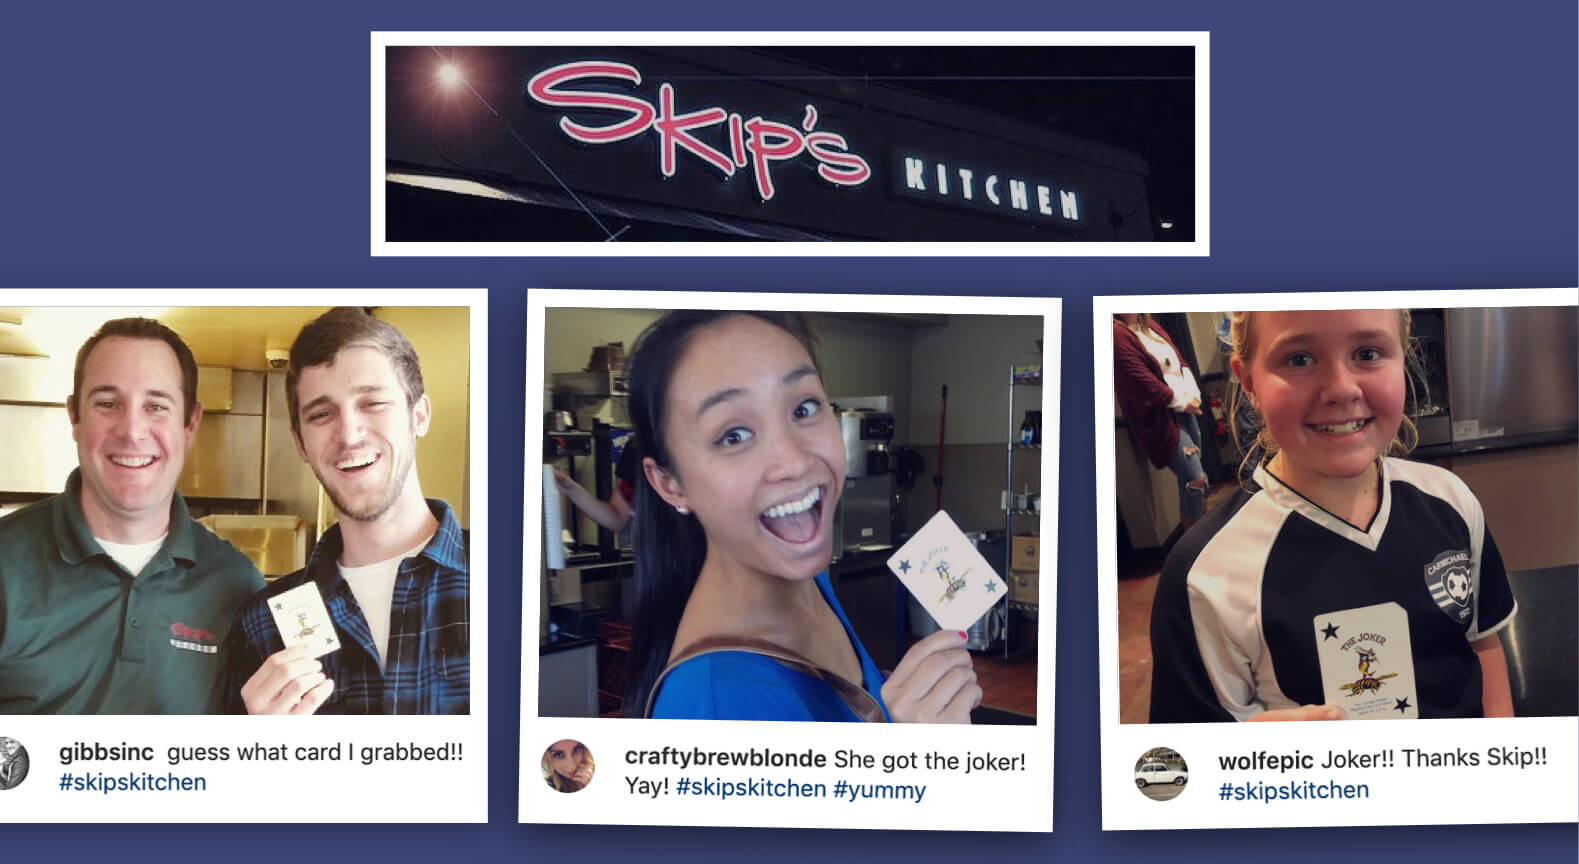 Skip's restaurant joker